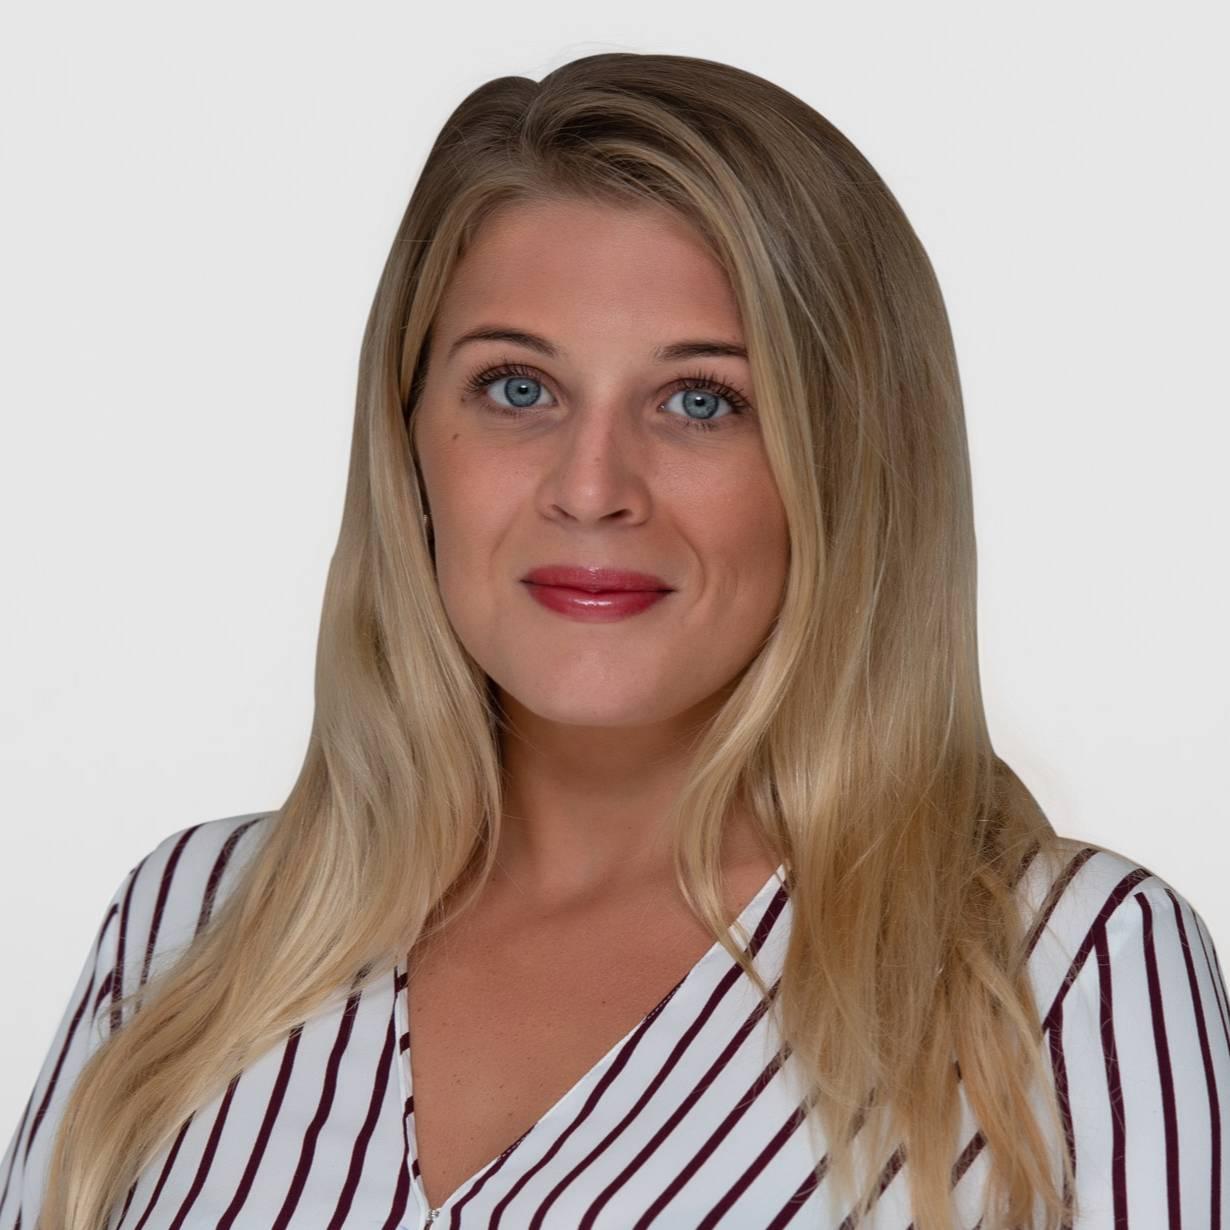 Julia Ferrari